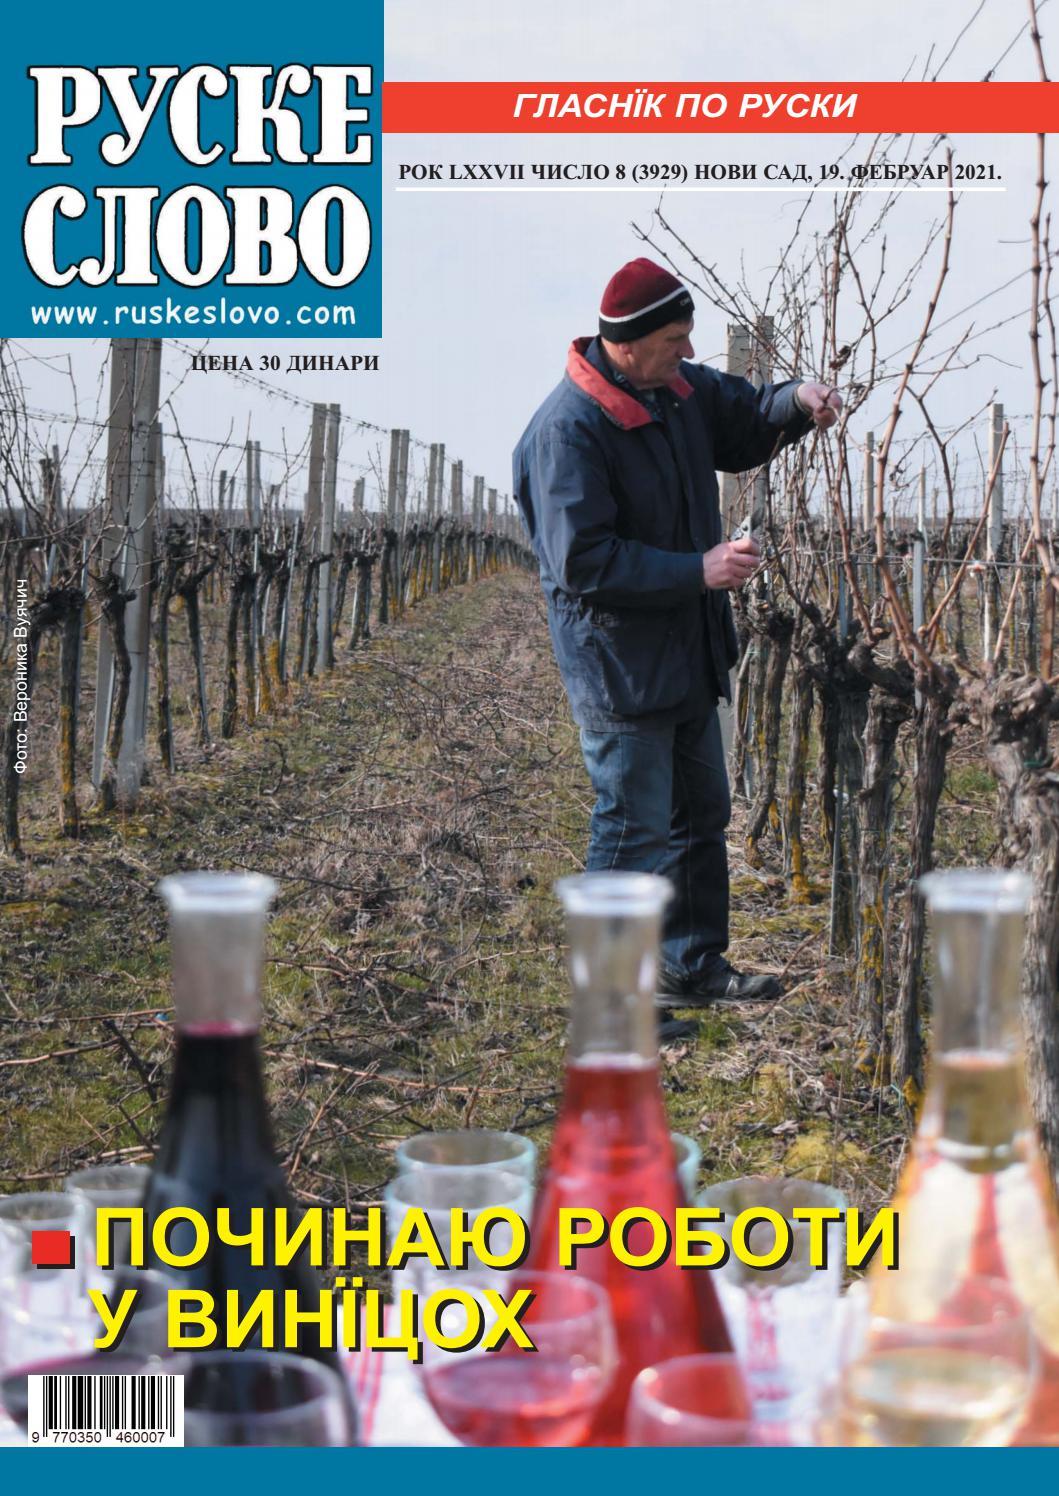 Руске слово № 8, фебруар 2021